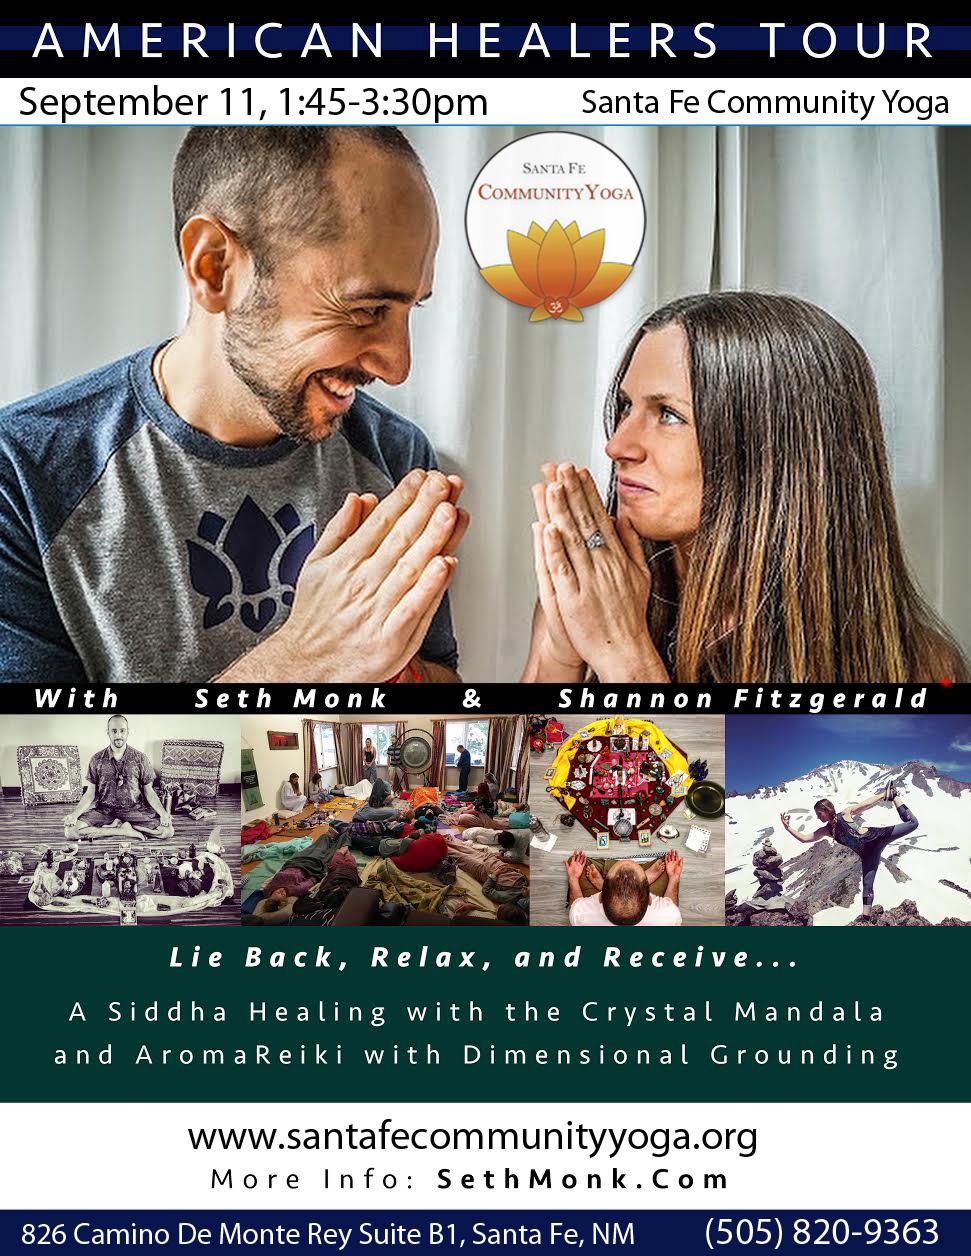 American Healers Tour, Santa Fe Comm Poster.jpg